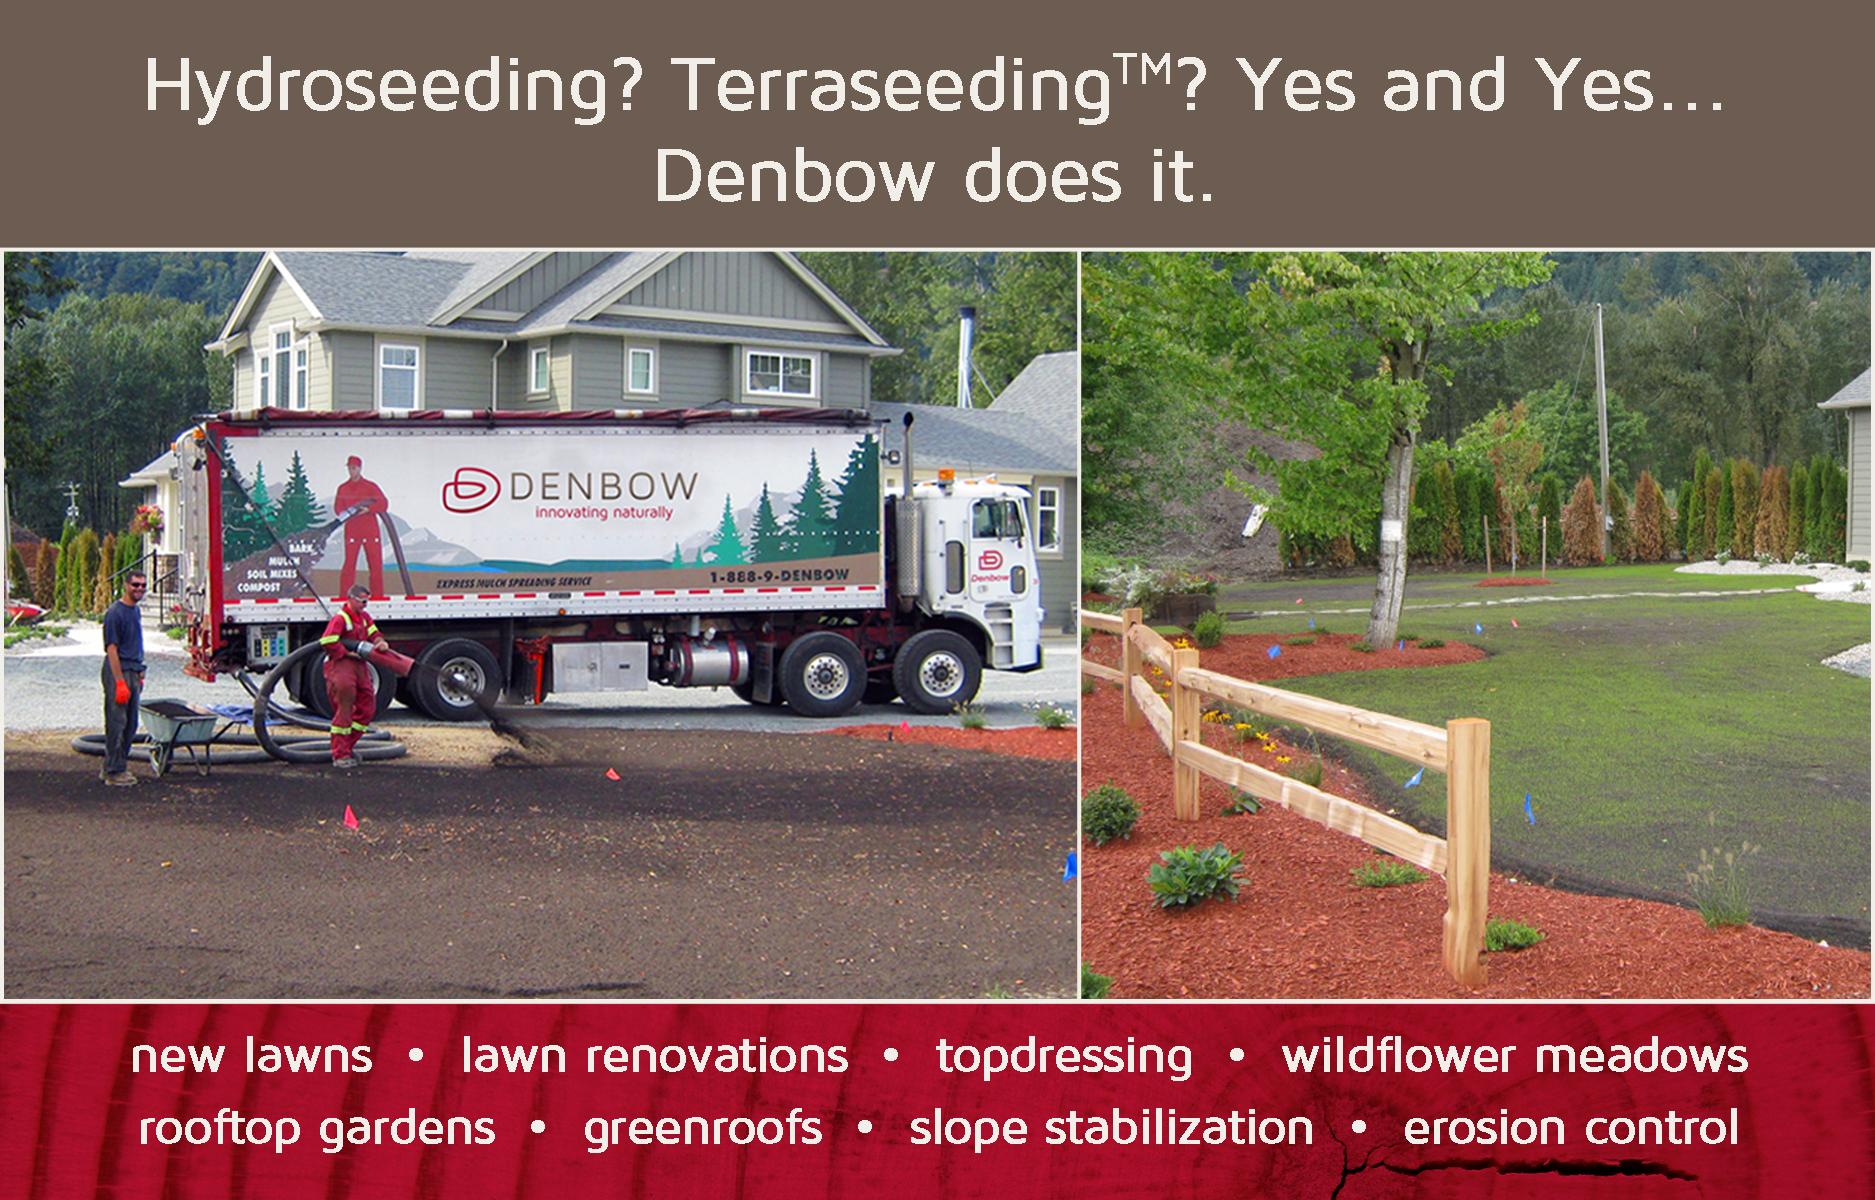 Denbow seeding services